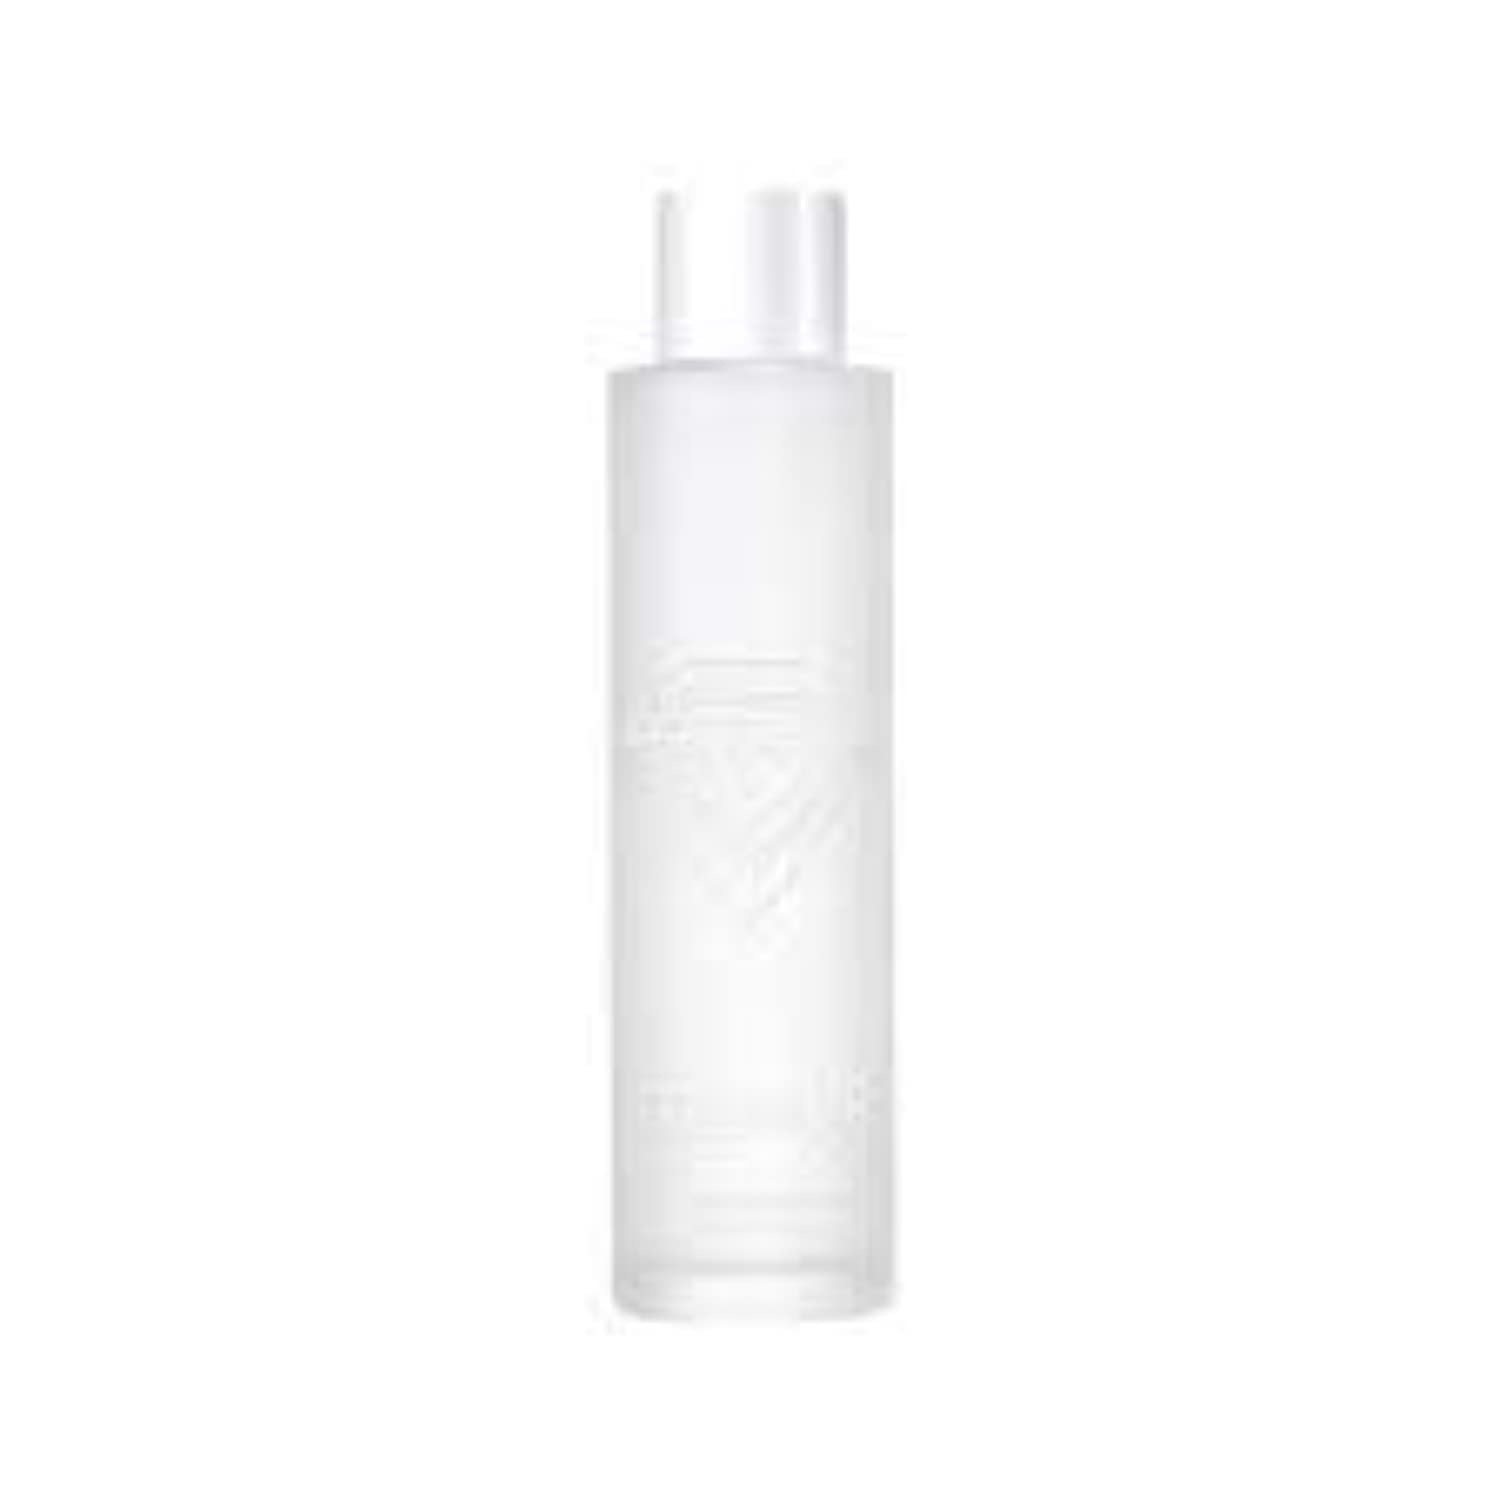 連帯コンベンション友情CREMORLAB ブラン?デ? cremor 光沢トナー 150ml-皮膚のすべての層の色素沈着の問題を改善するのに役立ち、乾燥とくすみを取り除きます